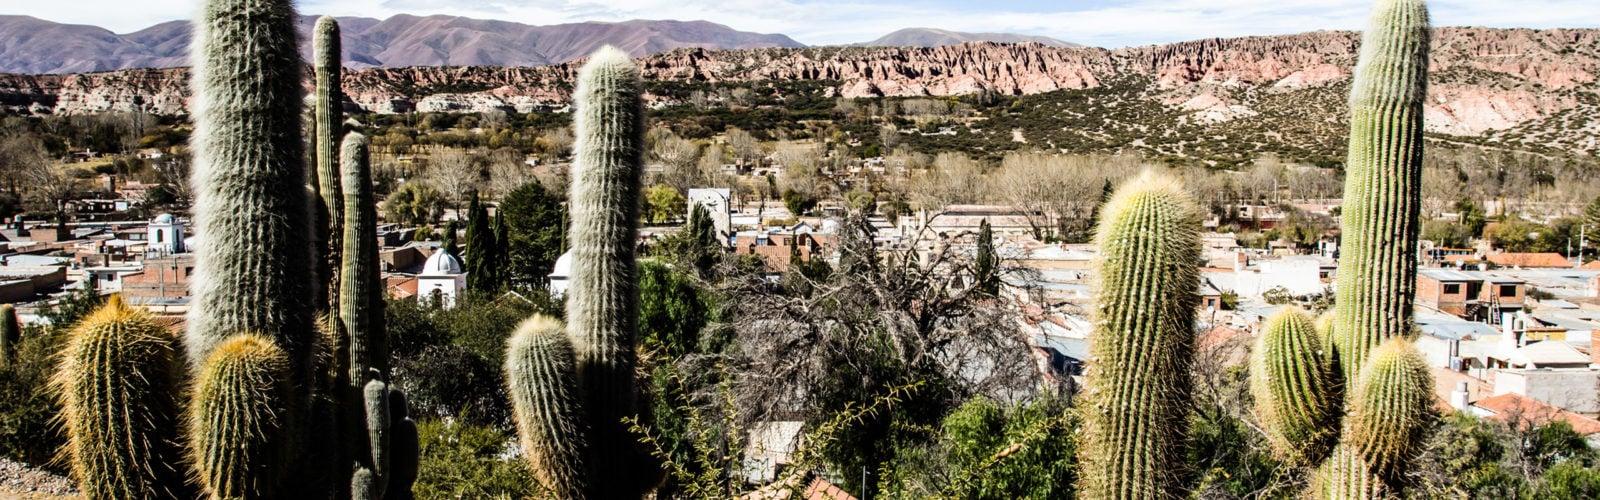 jujuy-cactus